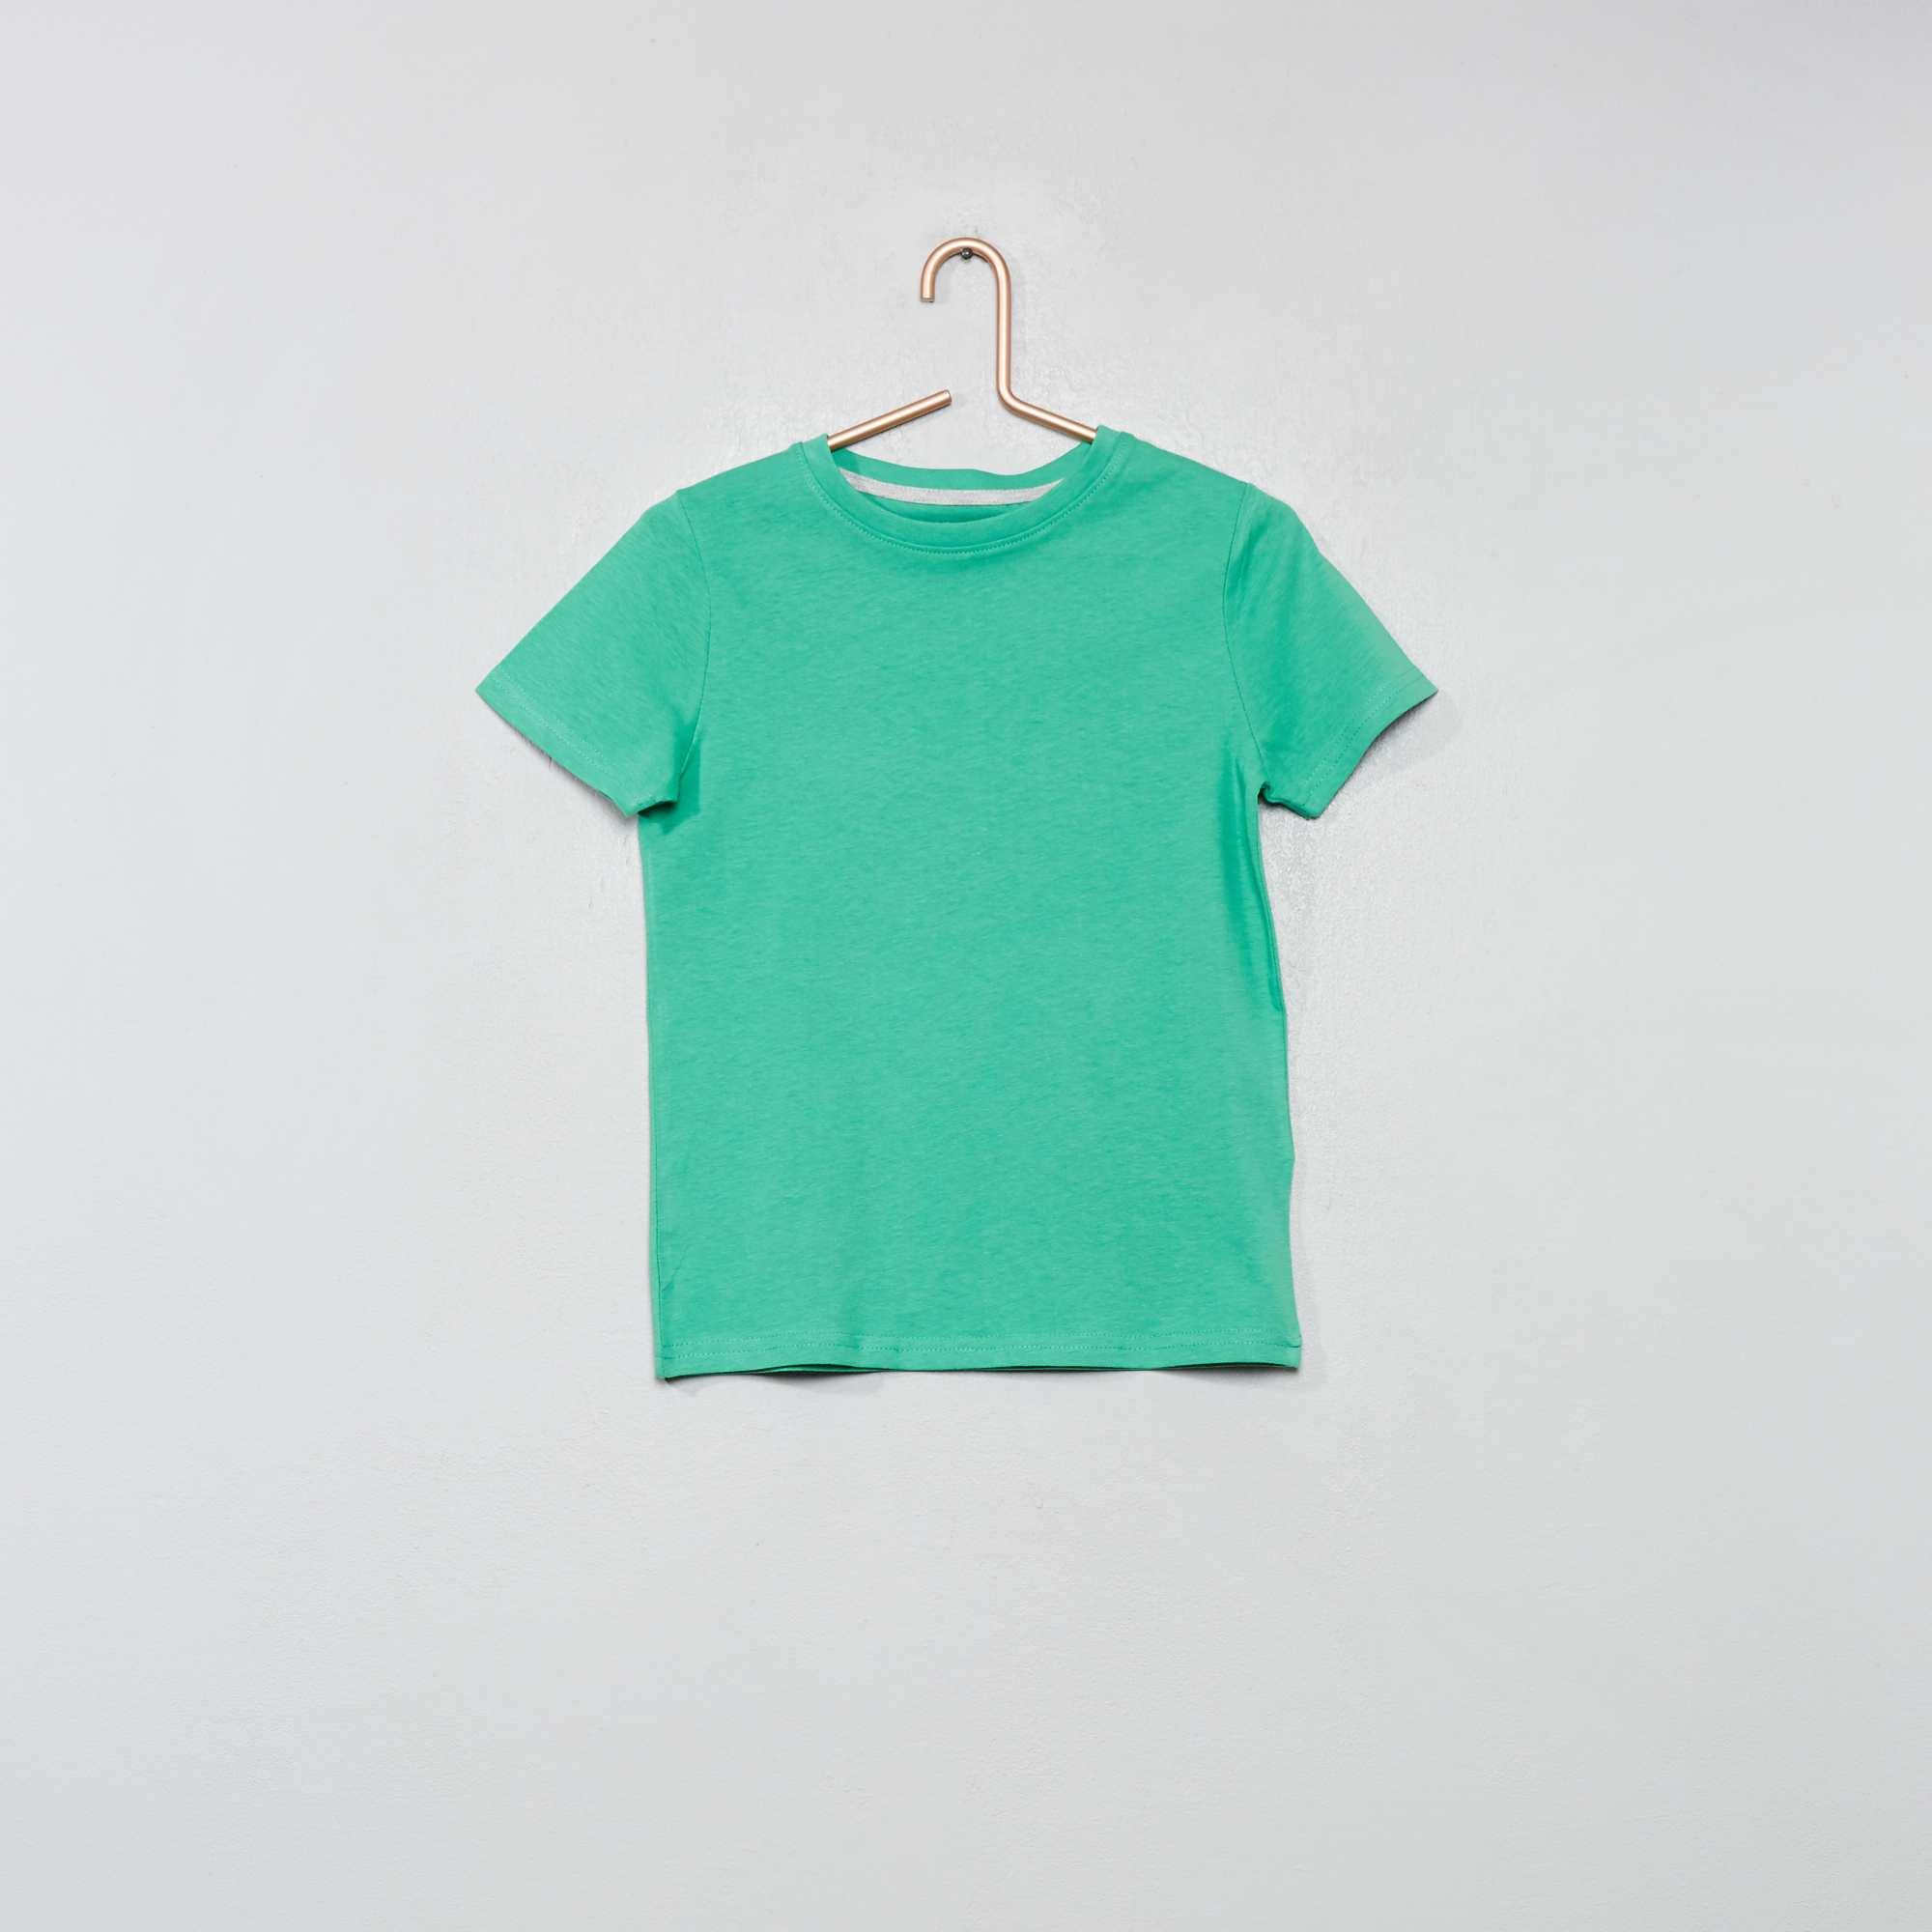 fc1da0bbb1e96 Camiseta de algodón puro bio Chico - VERDE - Kiabi - 2